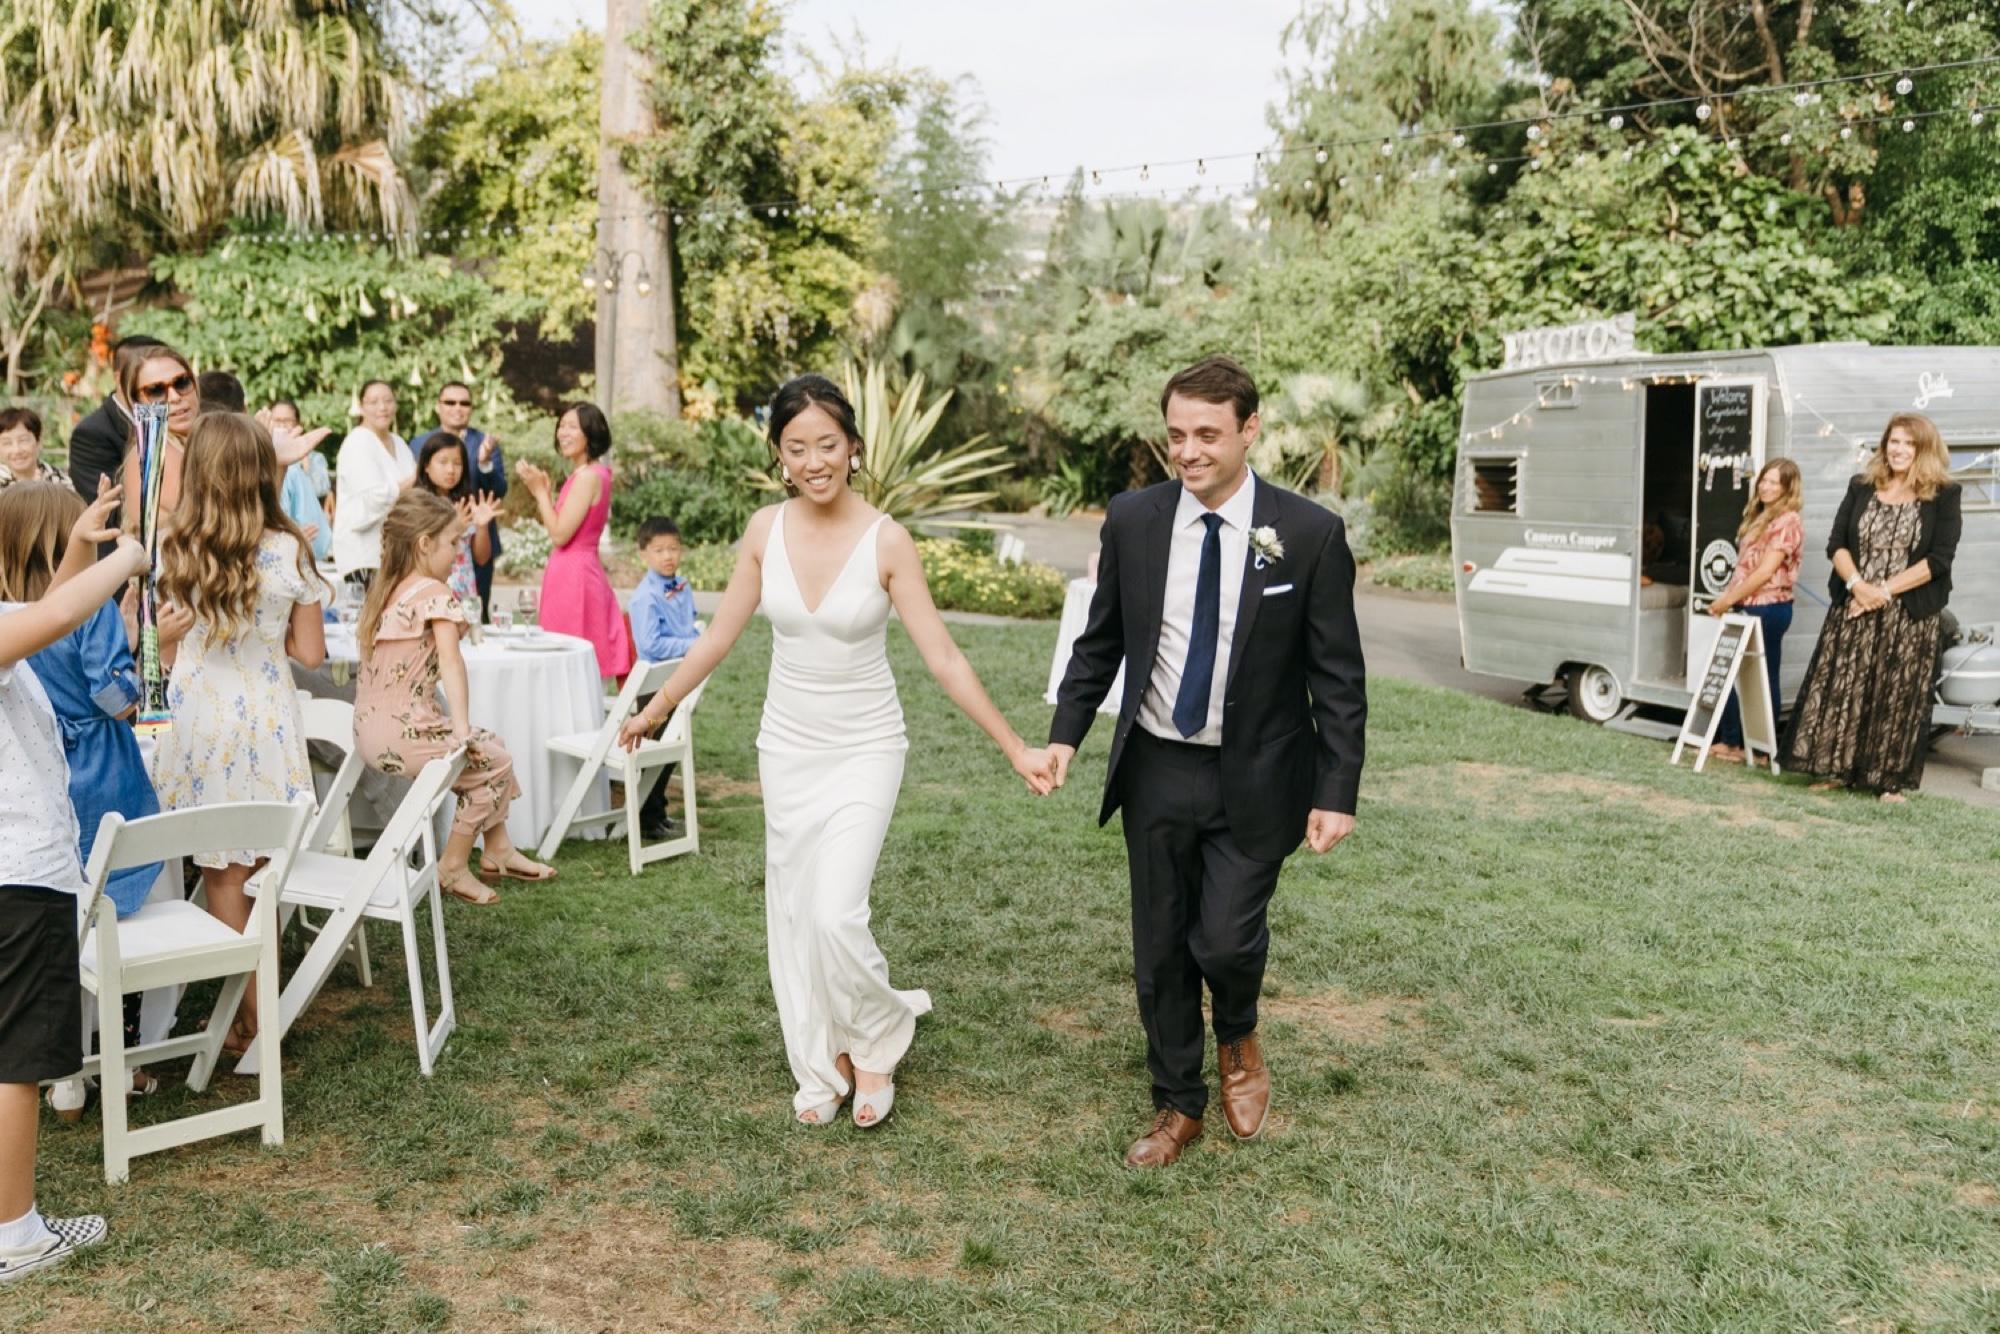 061_Shawna and Steve's Wedding-404.jpg